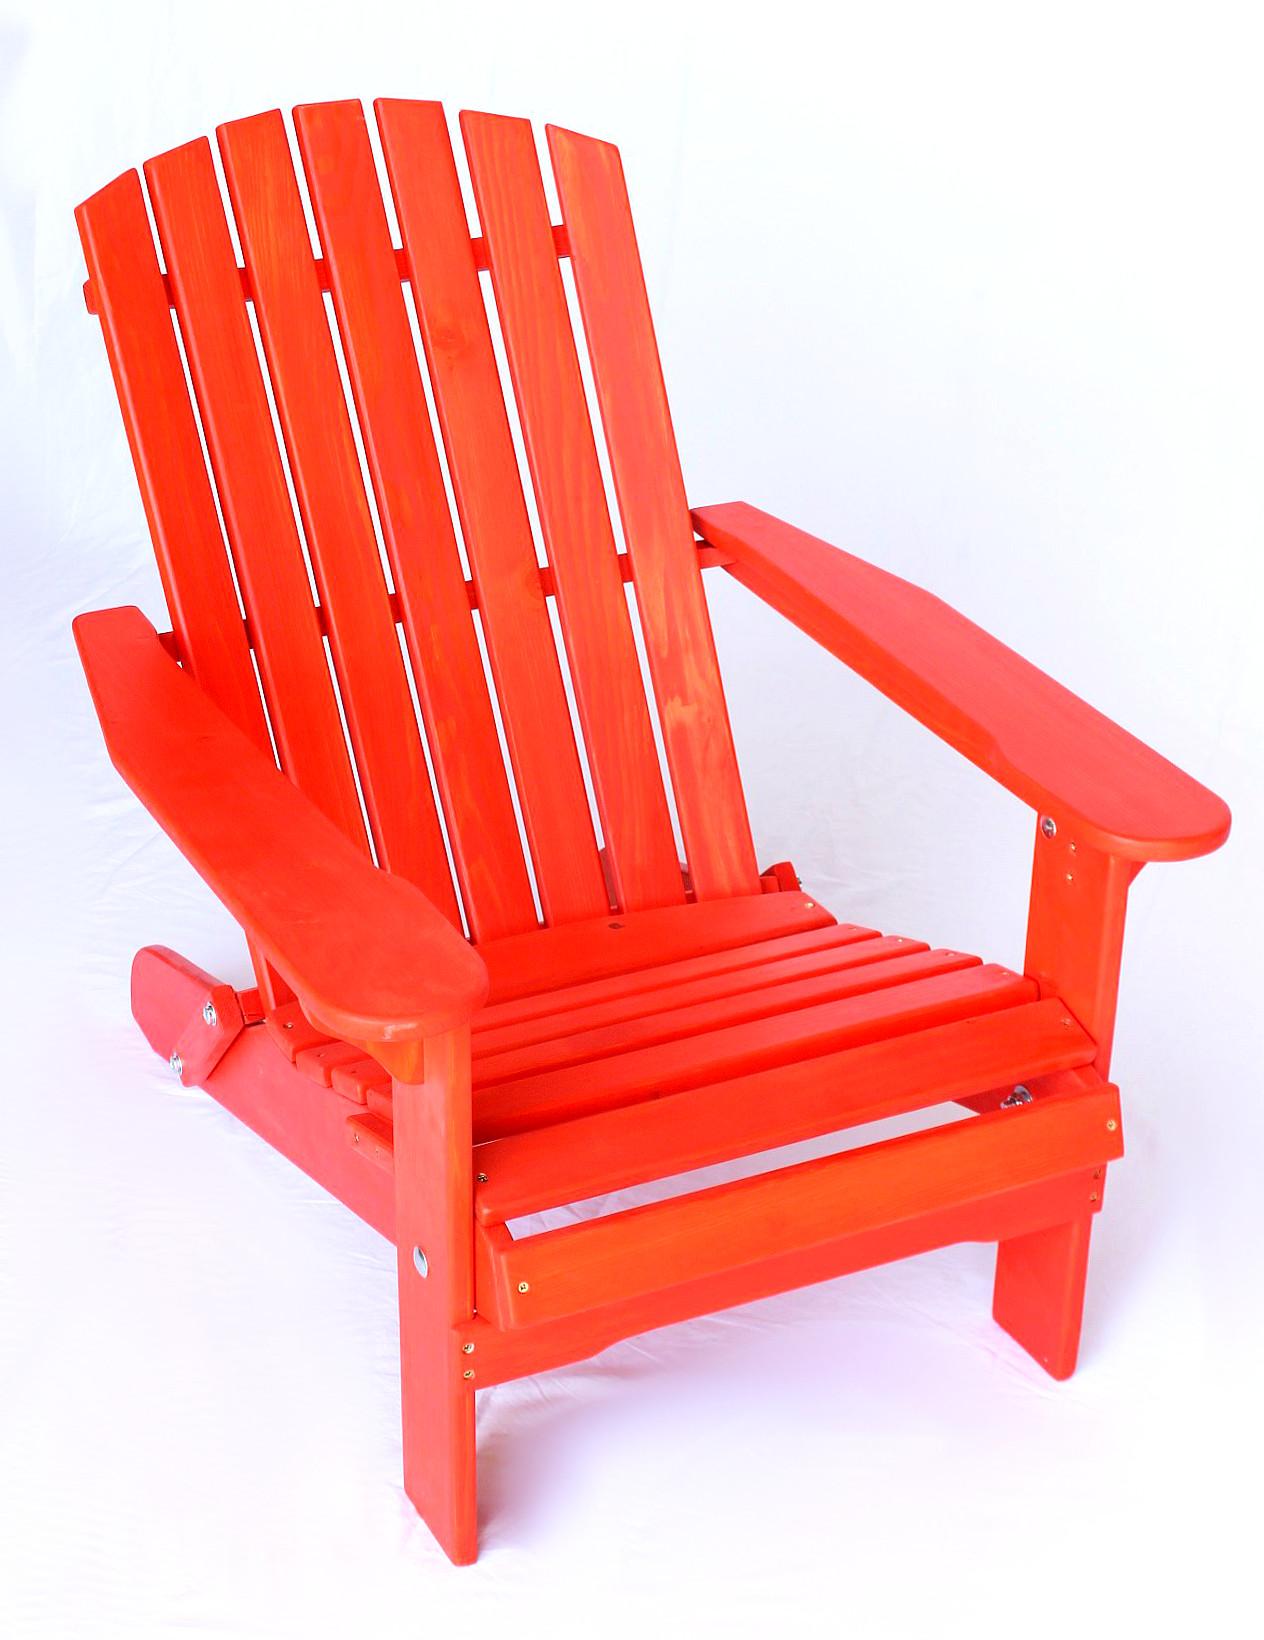 Dandibo Strandstuhl Sonnenstuhl Aus Holz Rot Gartenstuhl Klappbar  Adirondack Chair Deckchair With Gartenstuhl Holz With Gartenstuhl Holz